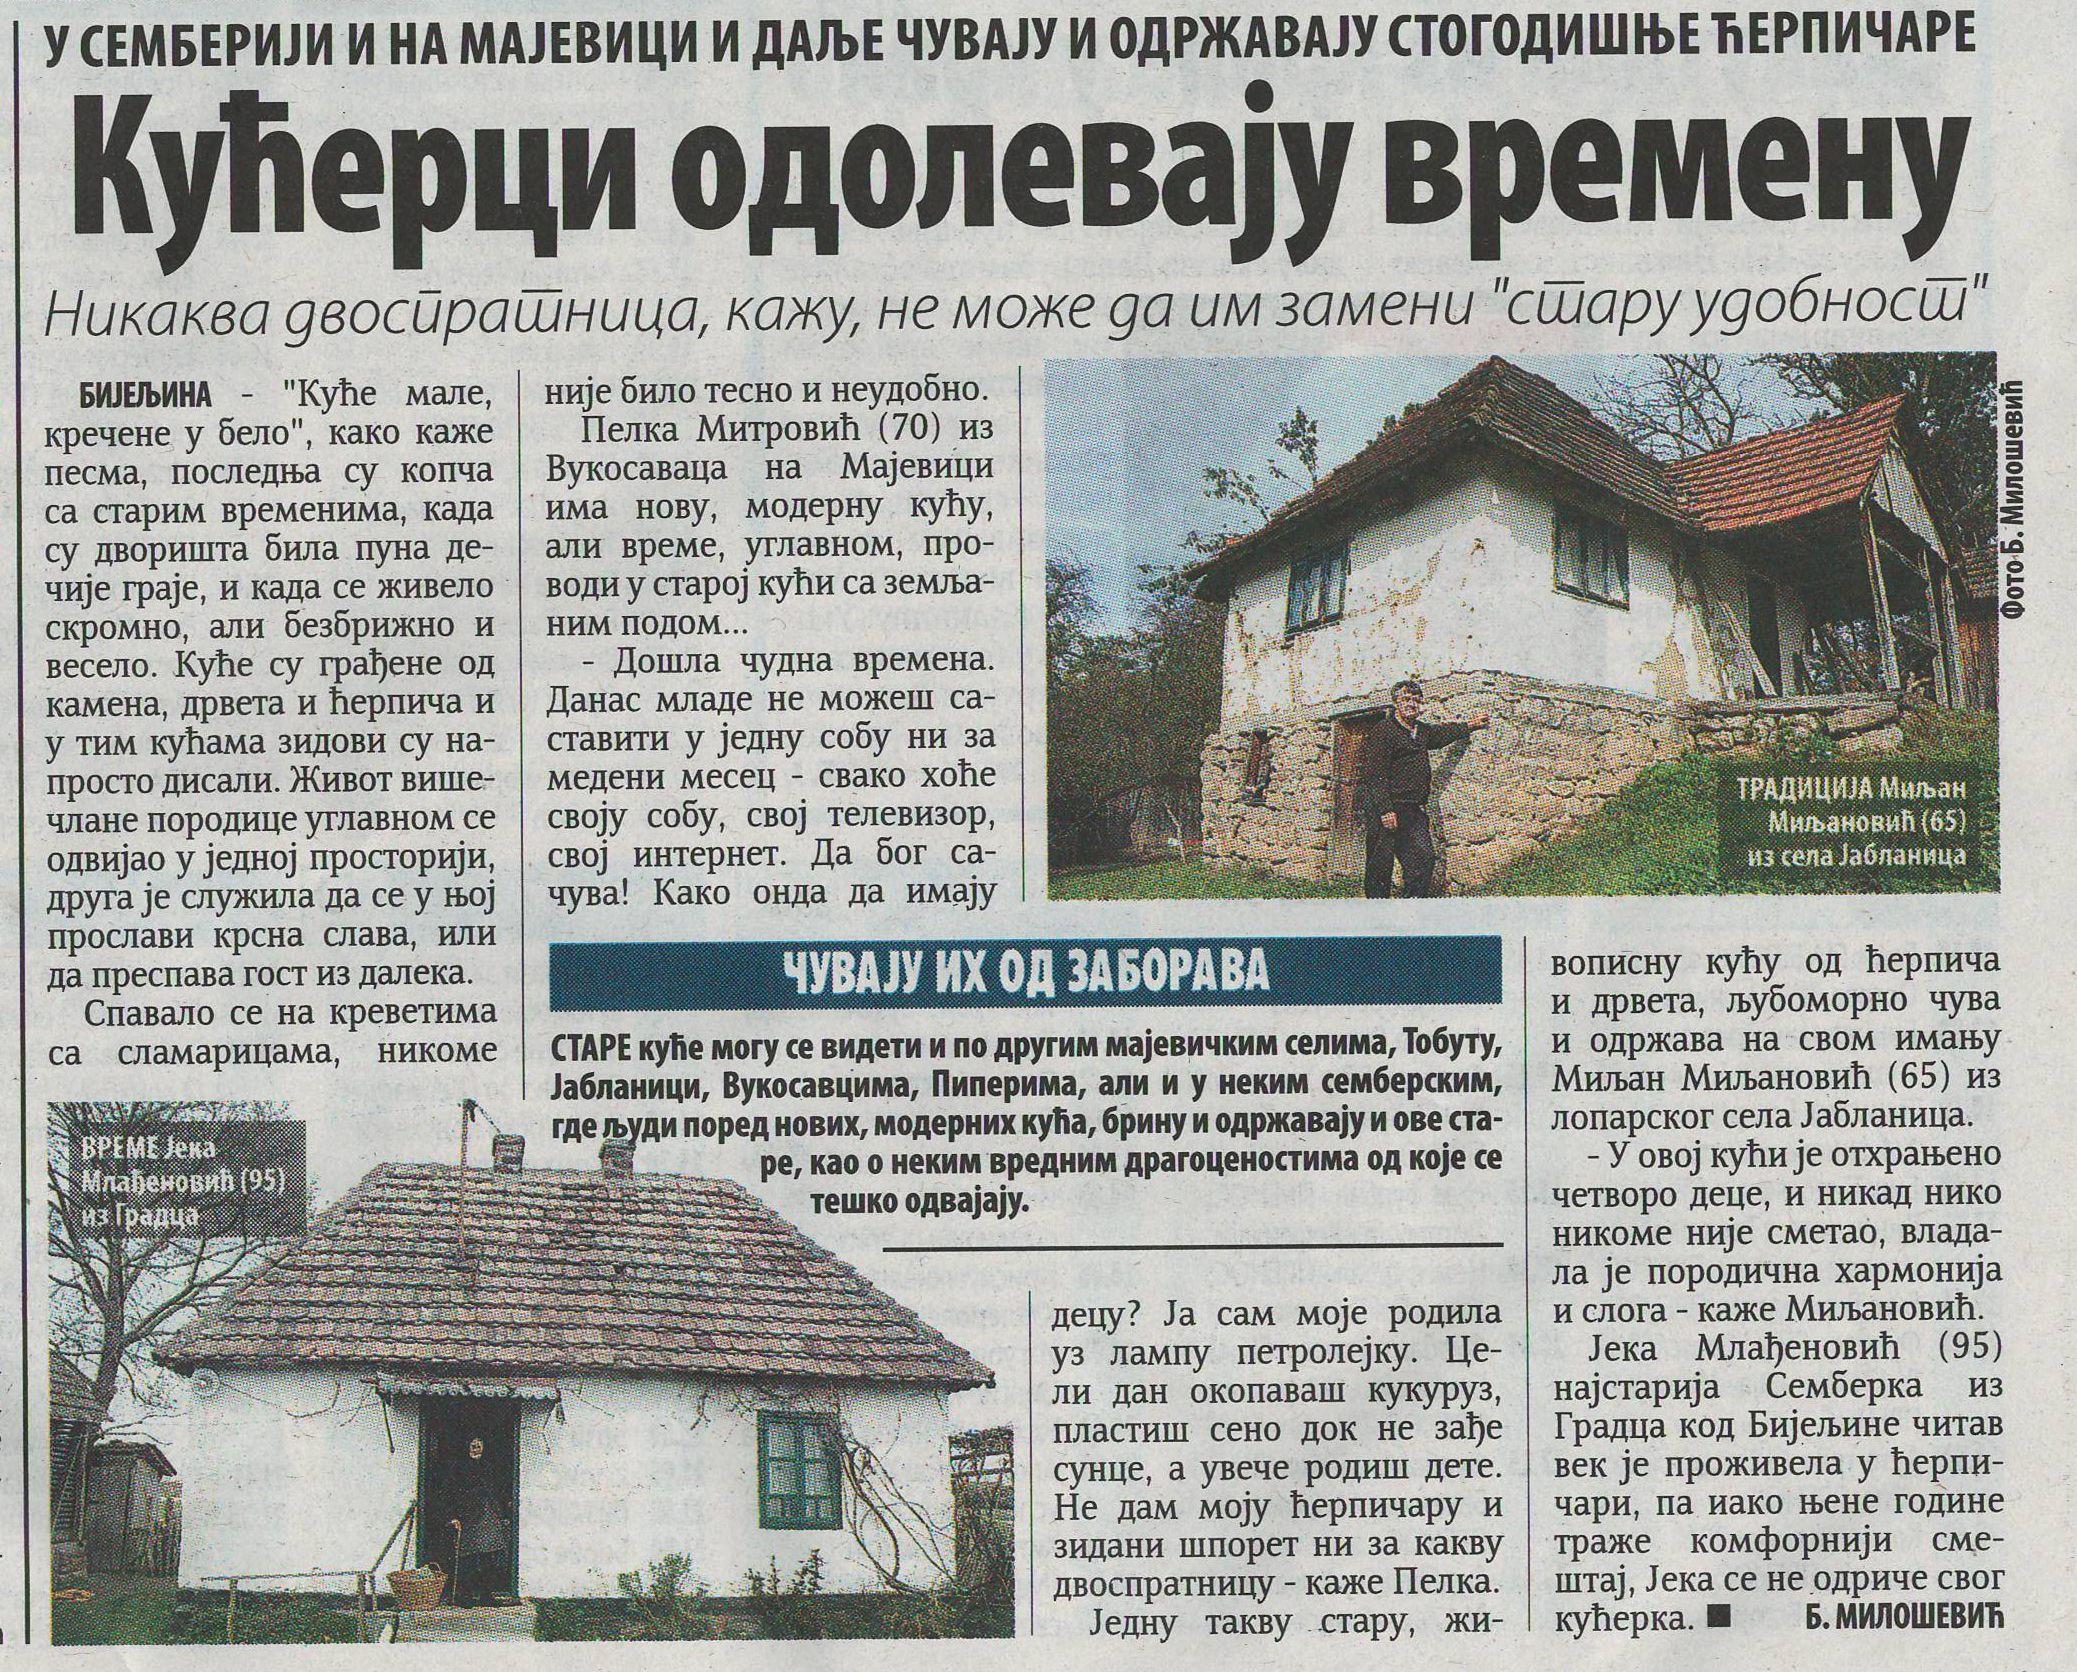 Из штампе - Page 3 Imgsrc.ru_54103511KtA